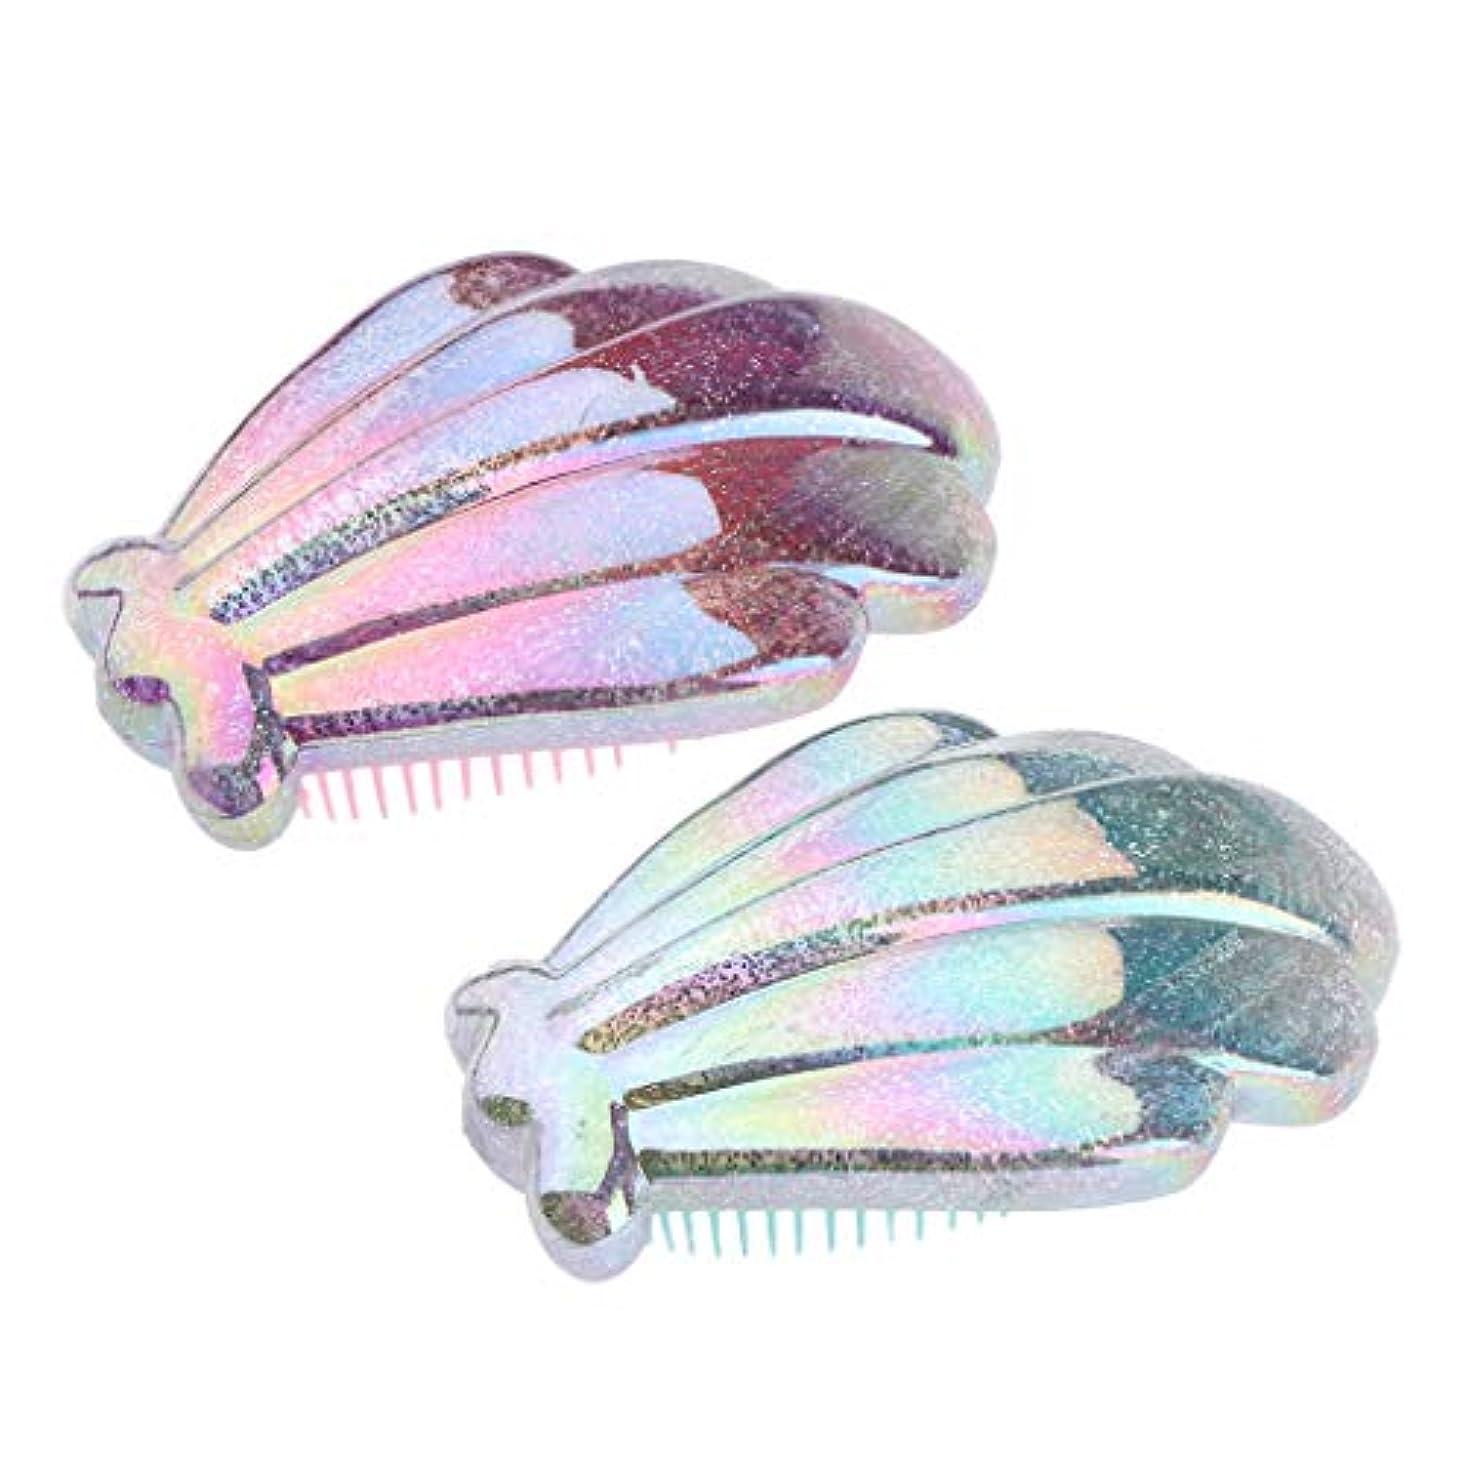 織るすべてコート2個入 ヘアブラシ クッションブラシ コーム 櫛 ヘアケア 髪 美髪ケア 静電気防止 頭皮マッサージ